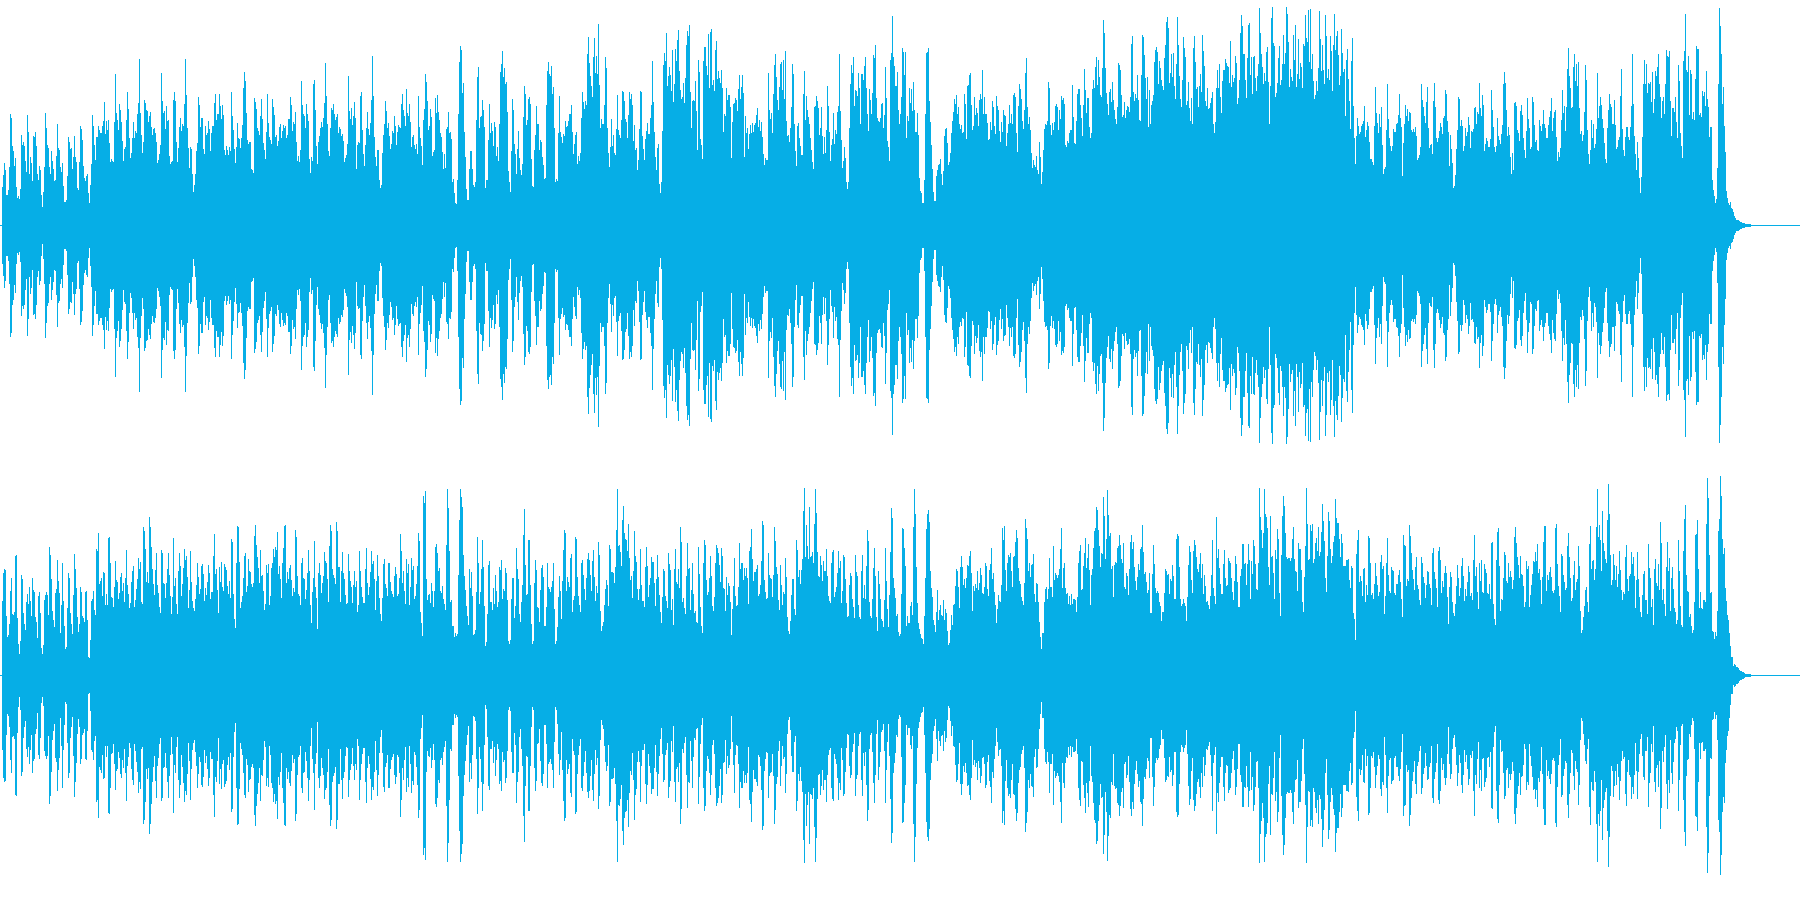 軽快で楽しいメルヘンオーケストラの再生済みの波形